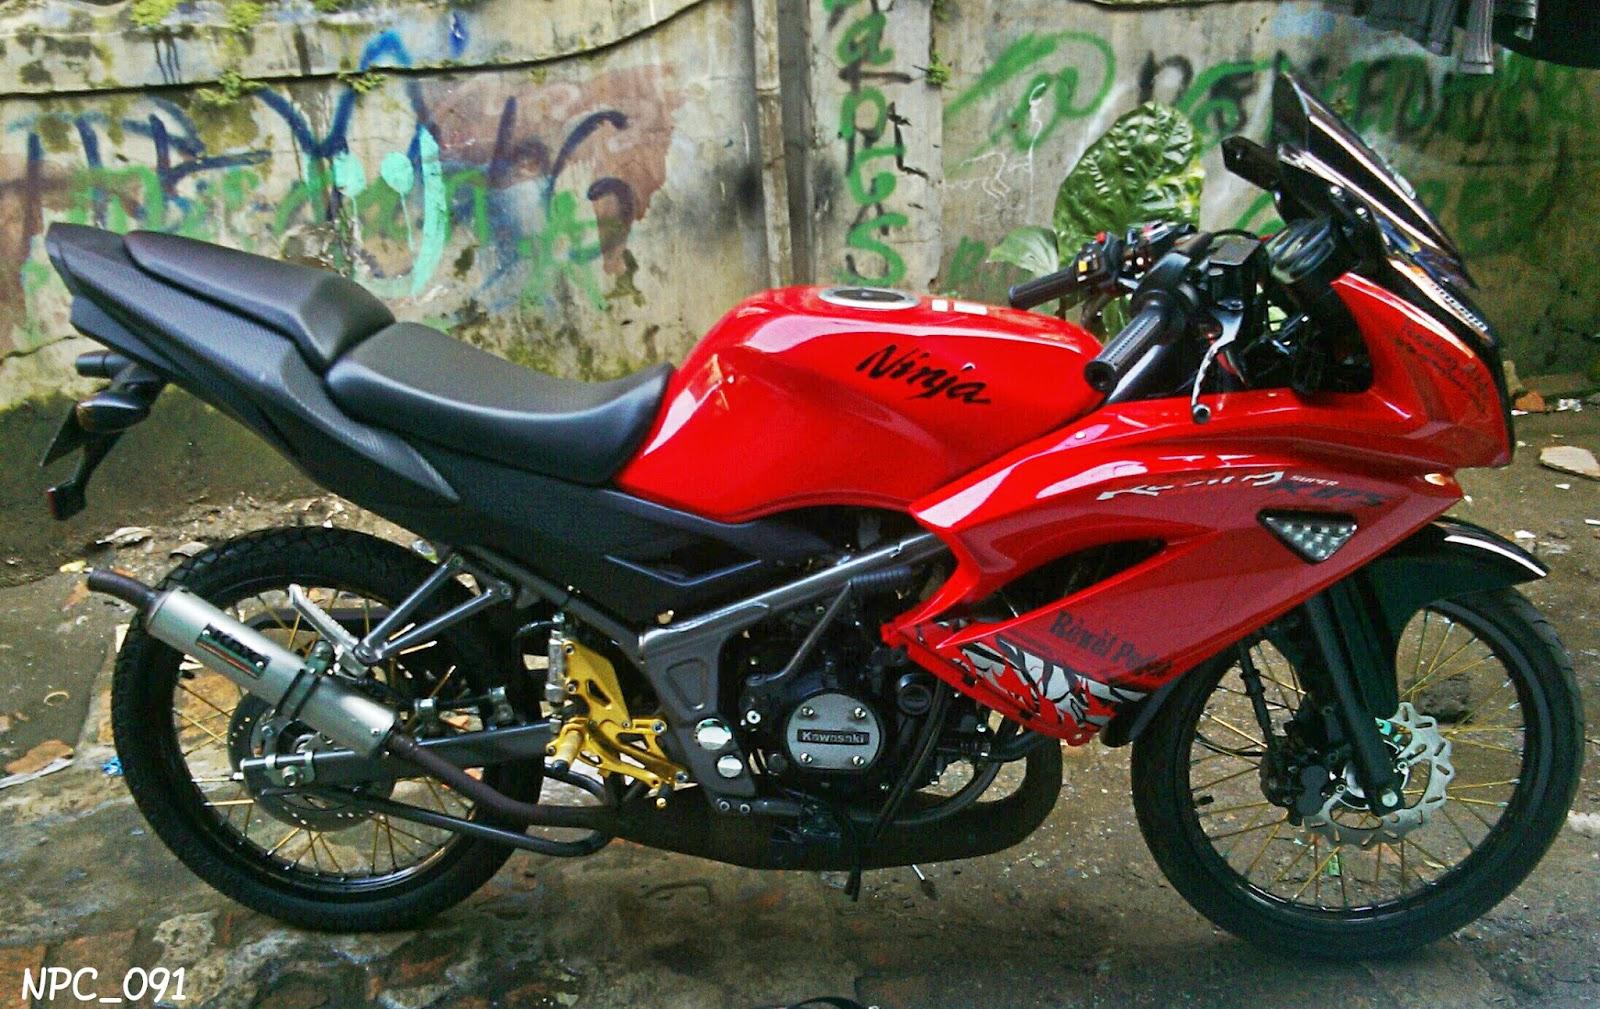 modifikasi motor ninja rr jari jari image gallery - hcpr